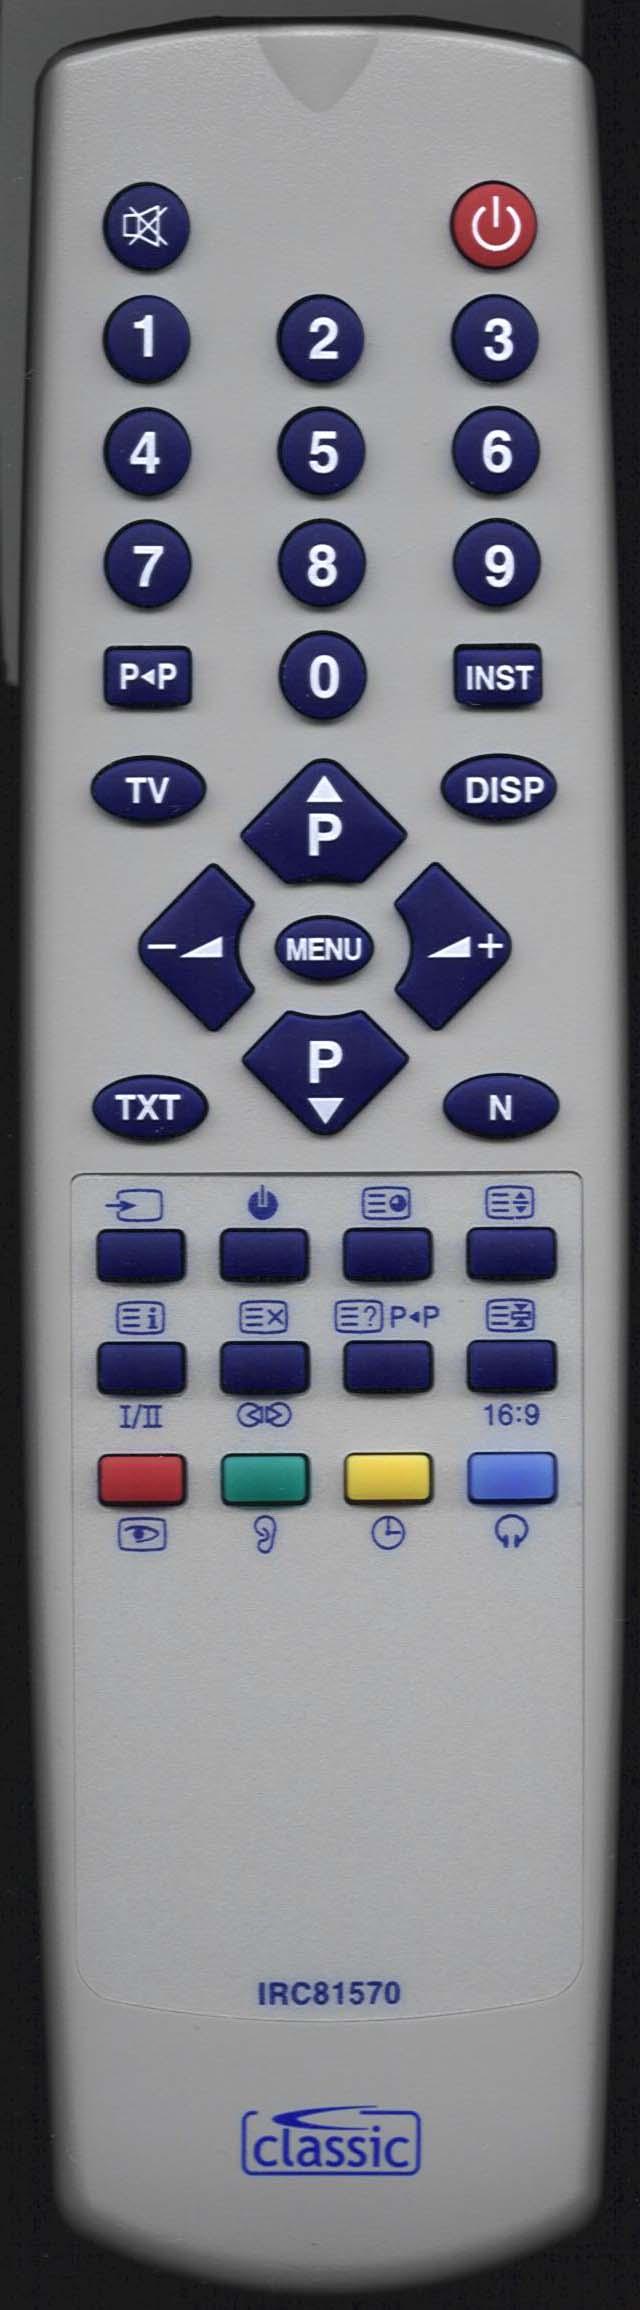 ORION 211 259 00 Remote Control